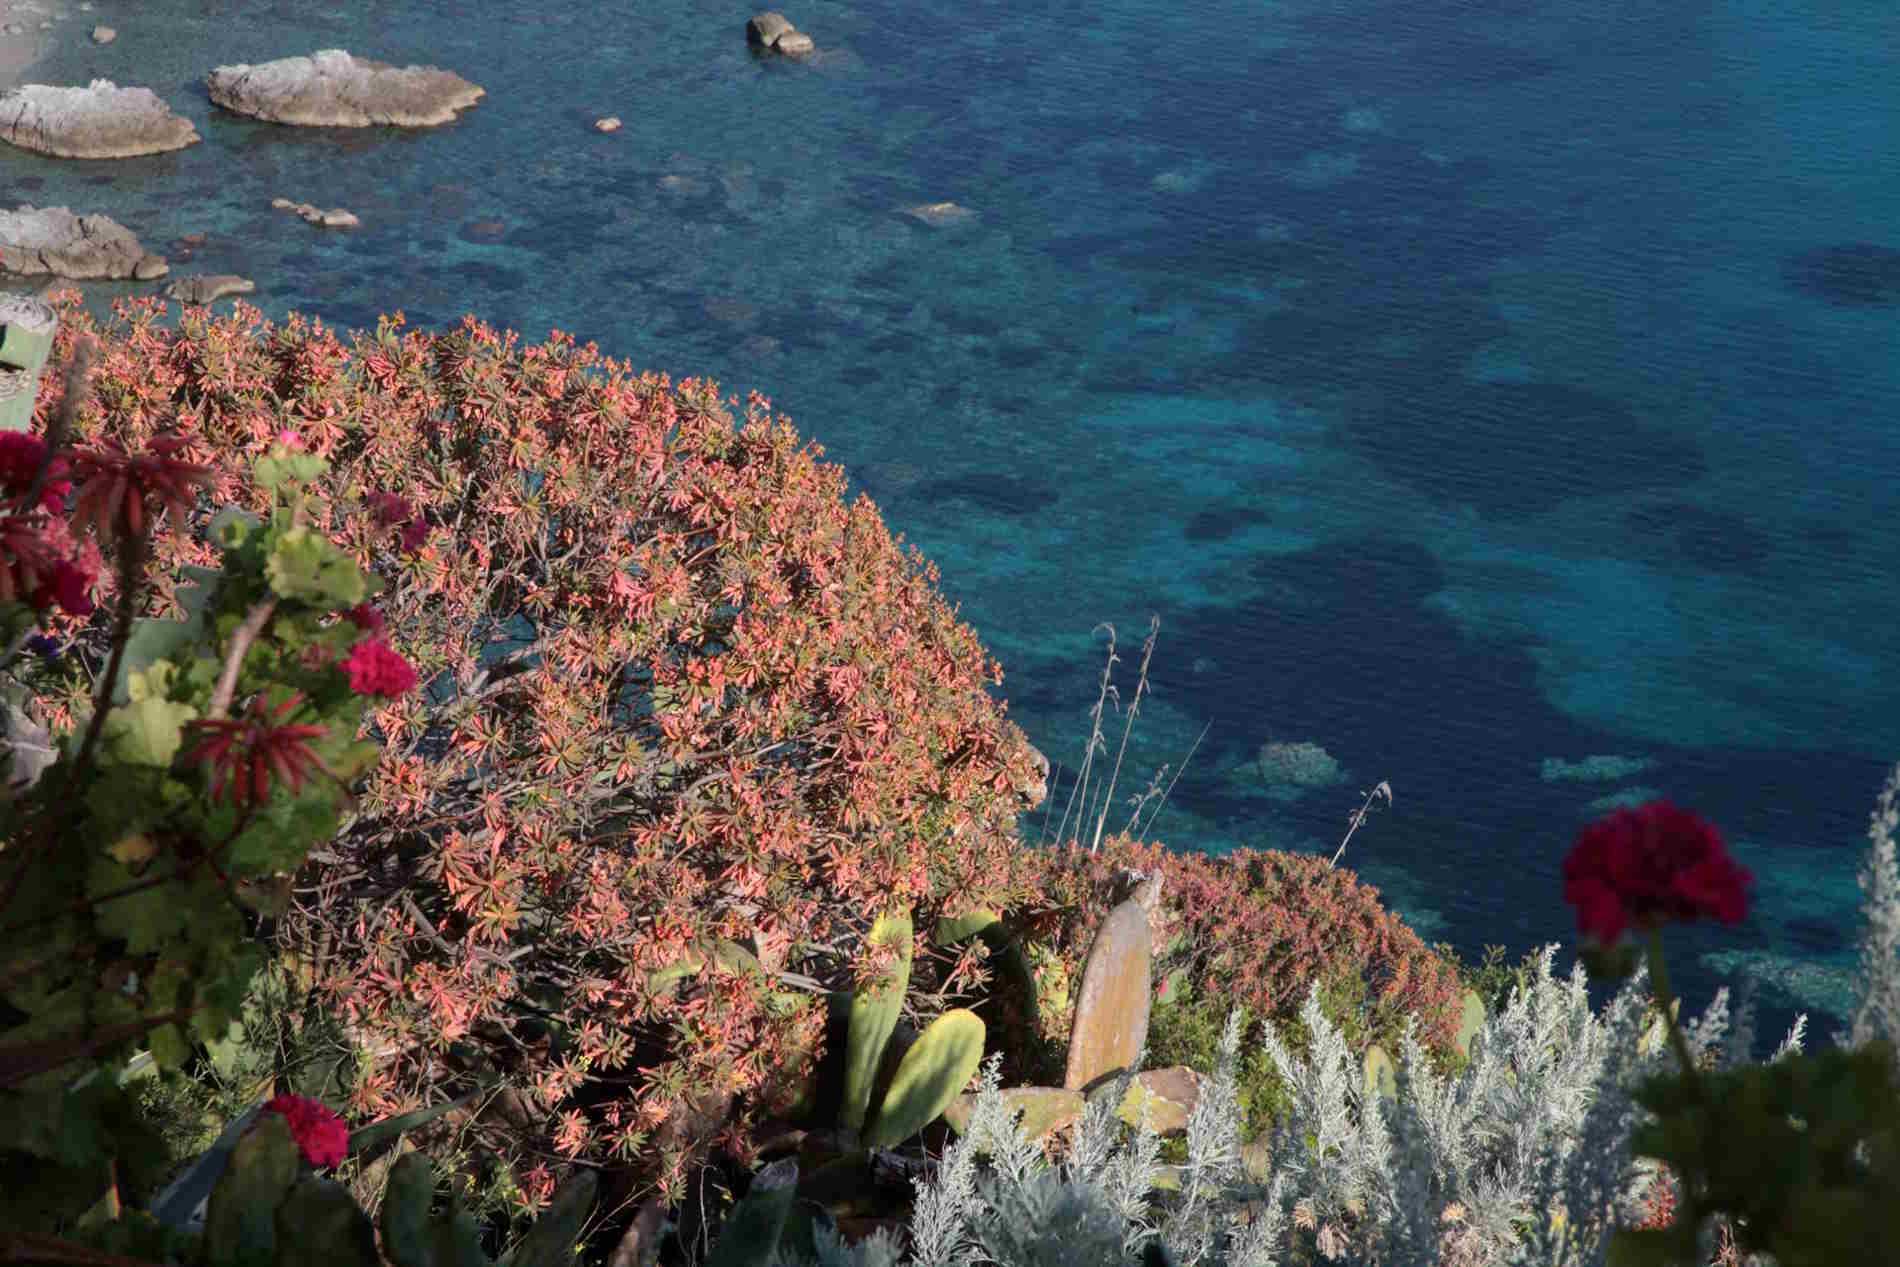 Profumi di Calabria dalla Macchia mediterranea di capo Vaticano Acqua degli Dei mediterranean Essence